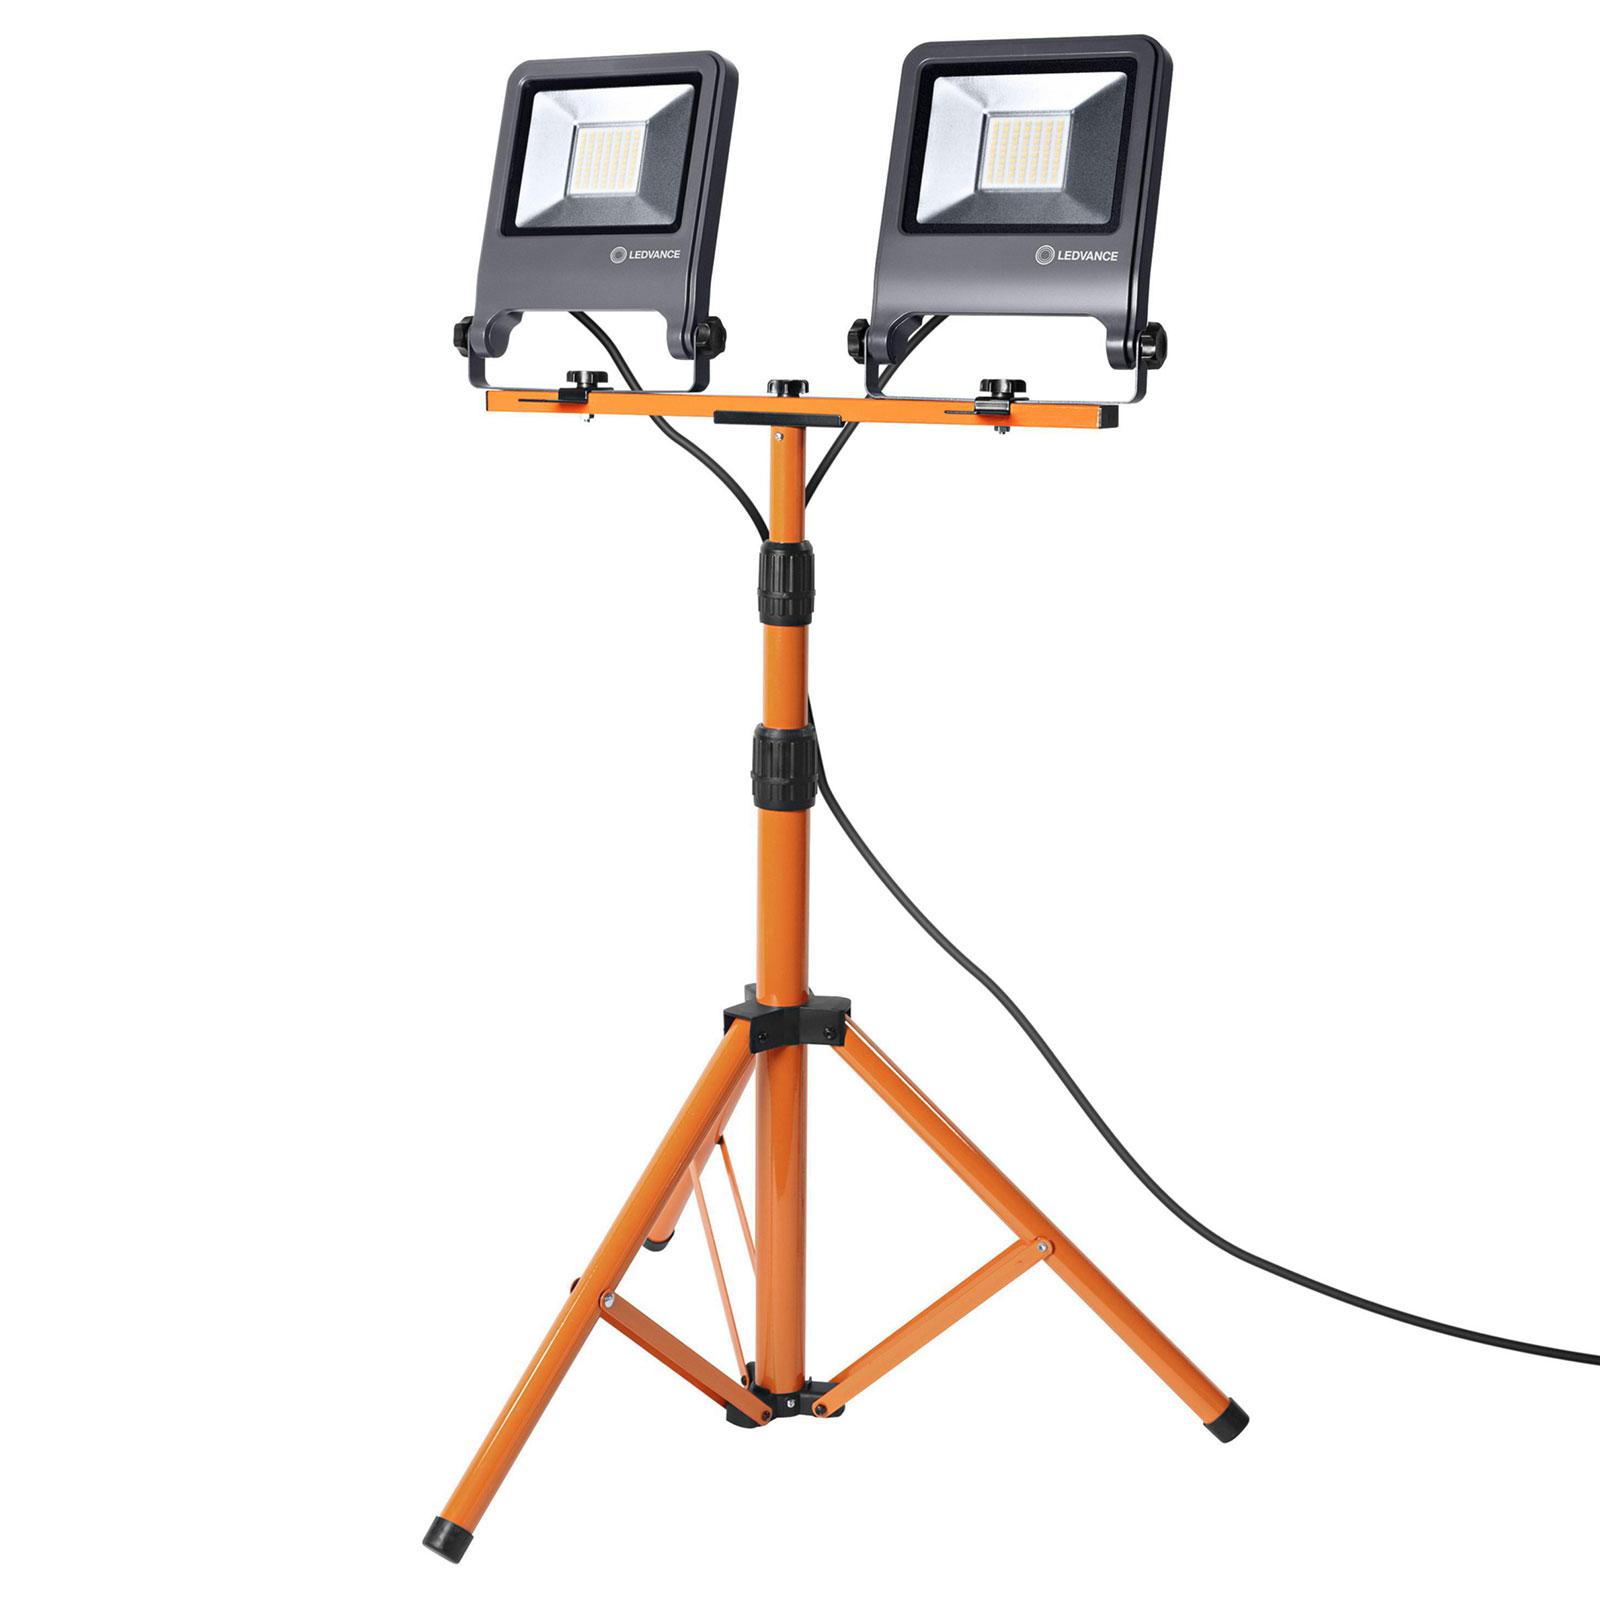 LEDVANCE Worklight LED-Baustrahler m. Stativ 2x50W